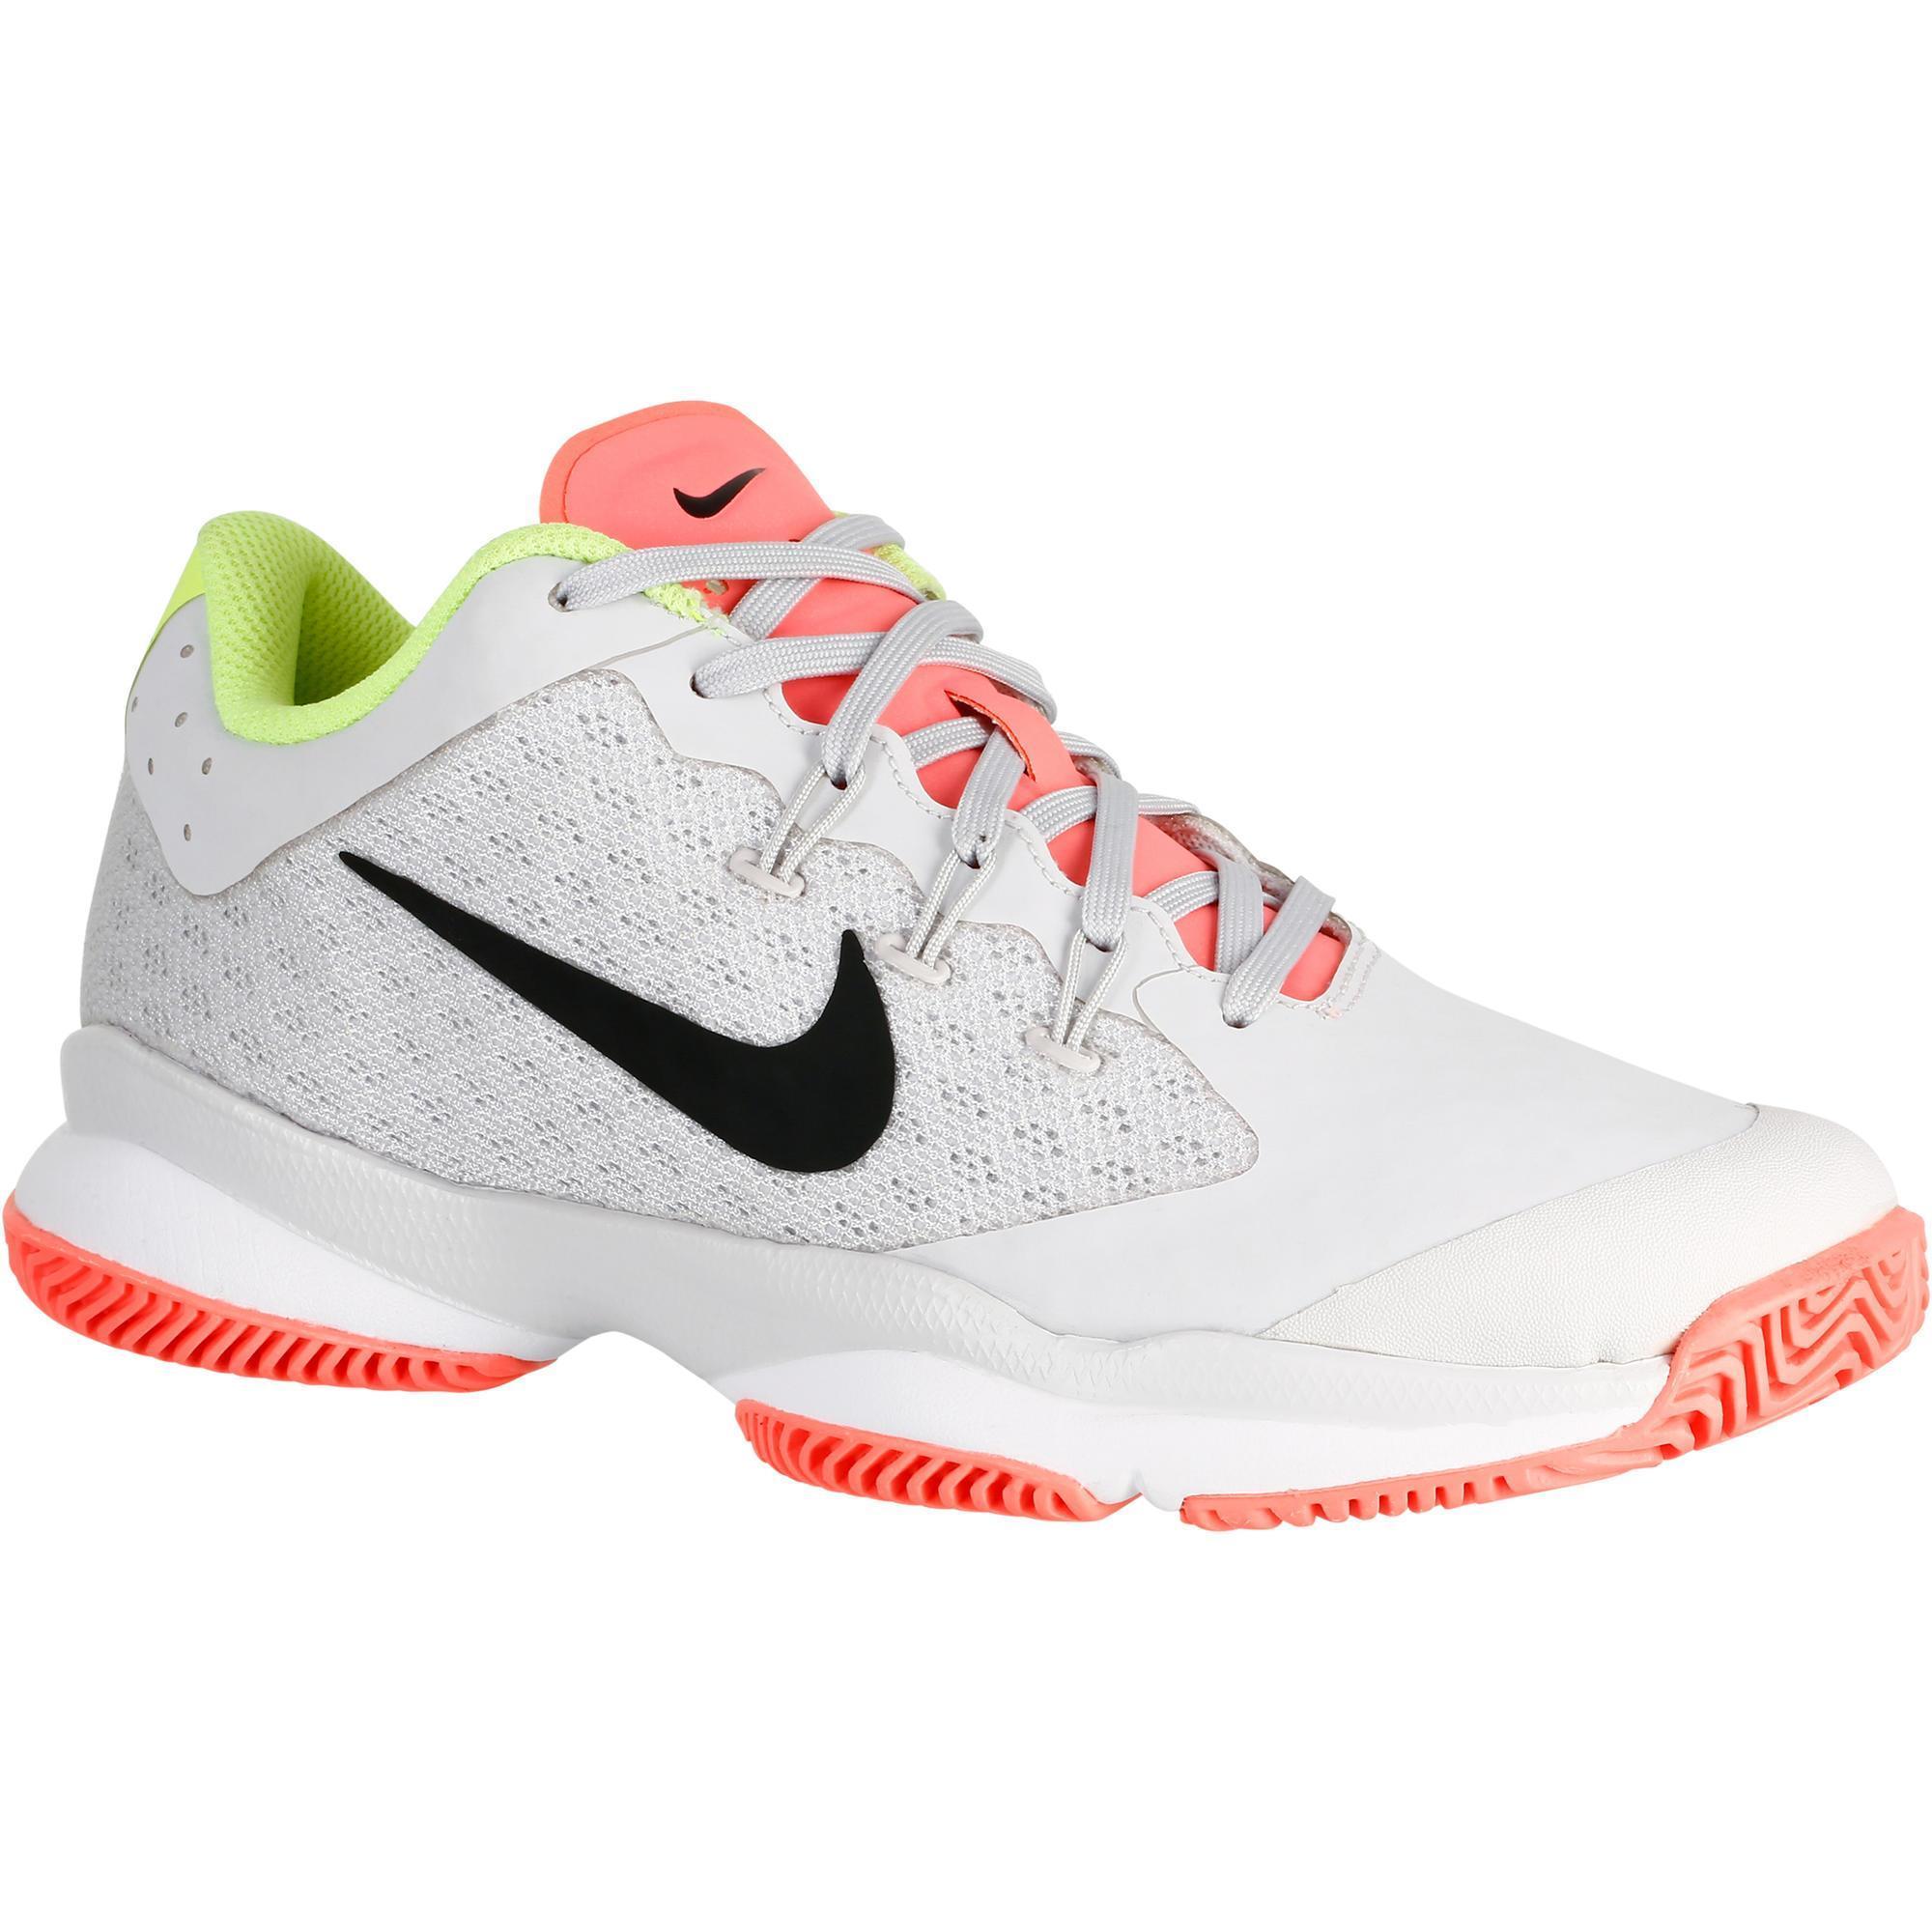 2406190 Nike Tennisschoenen dames Zoom Ultra Volt grijs